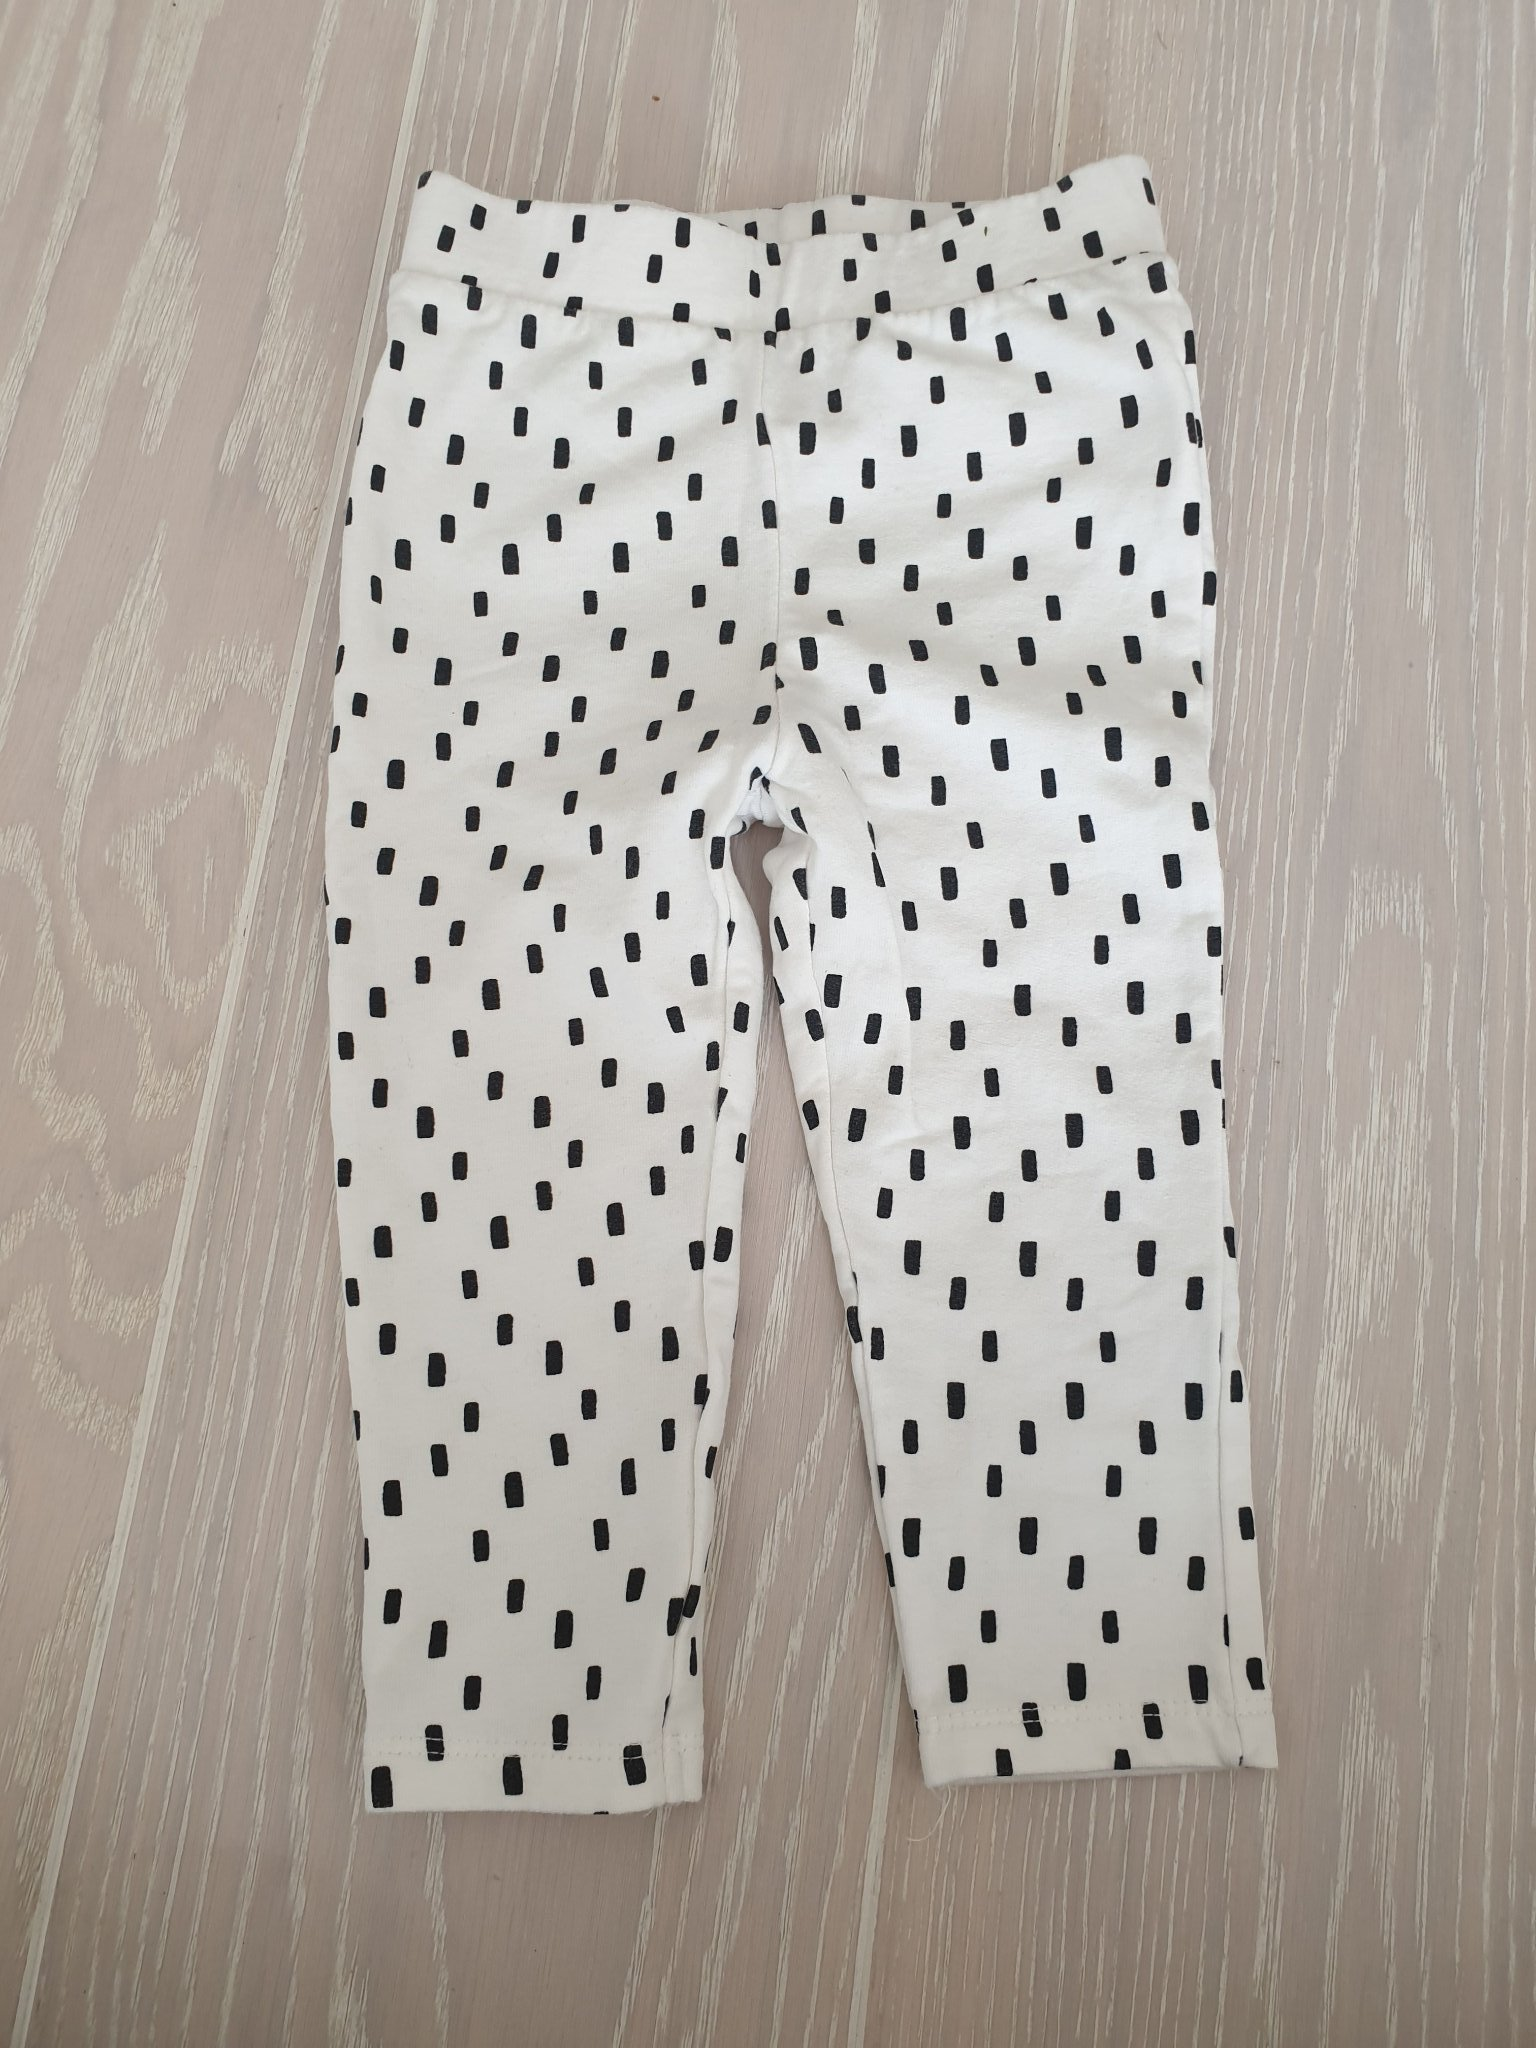 Minimarket byxor leggings storlek 7480 (364689912) ᐈ Köp